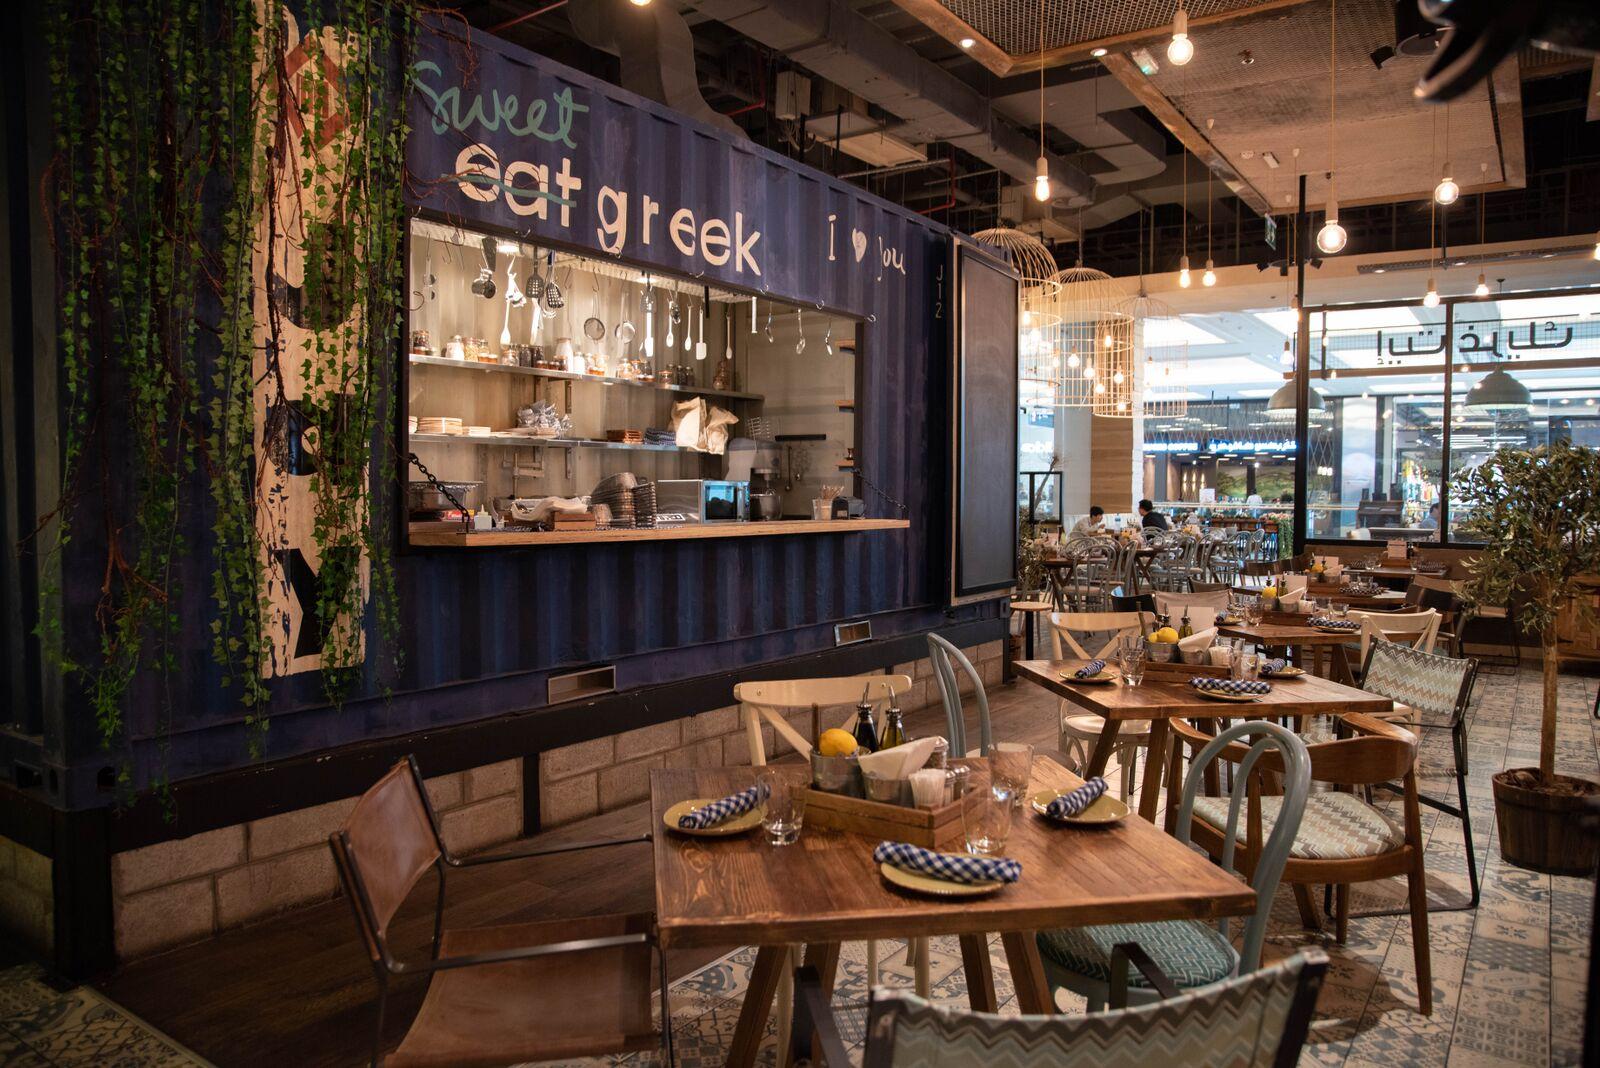 مطعم إيت غريك كوزينا